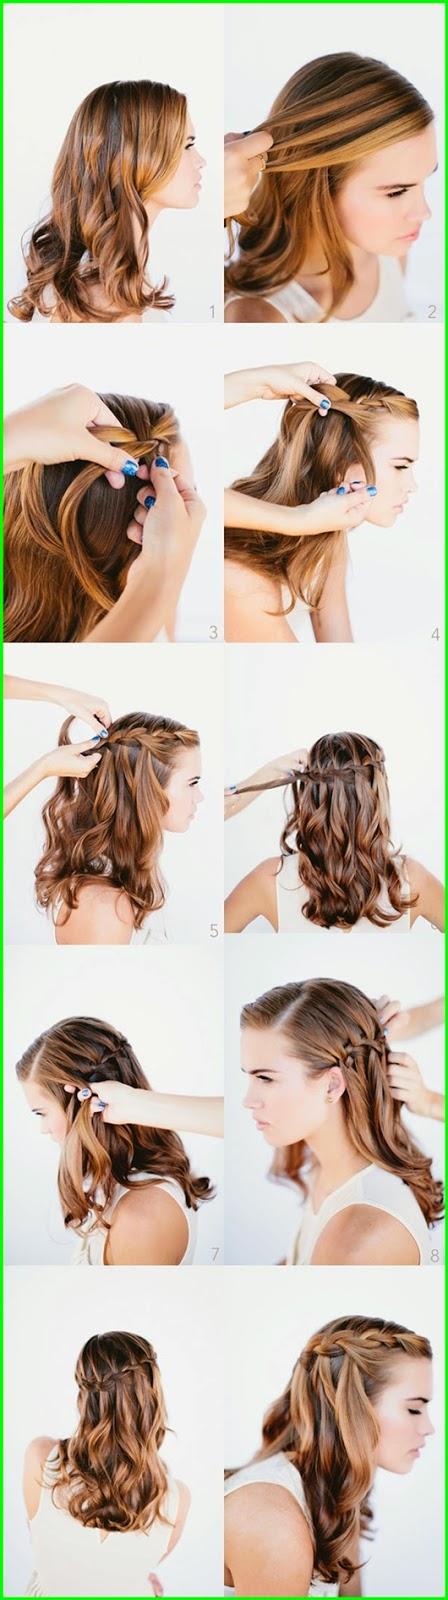 Schnell und Praktische Haar Tutorials 3